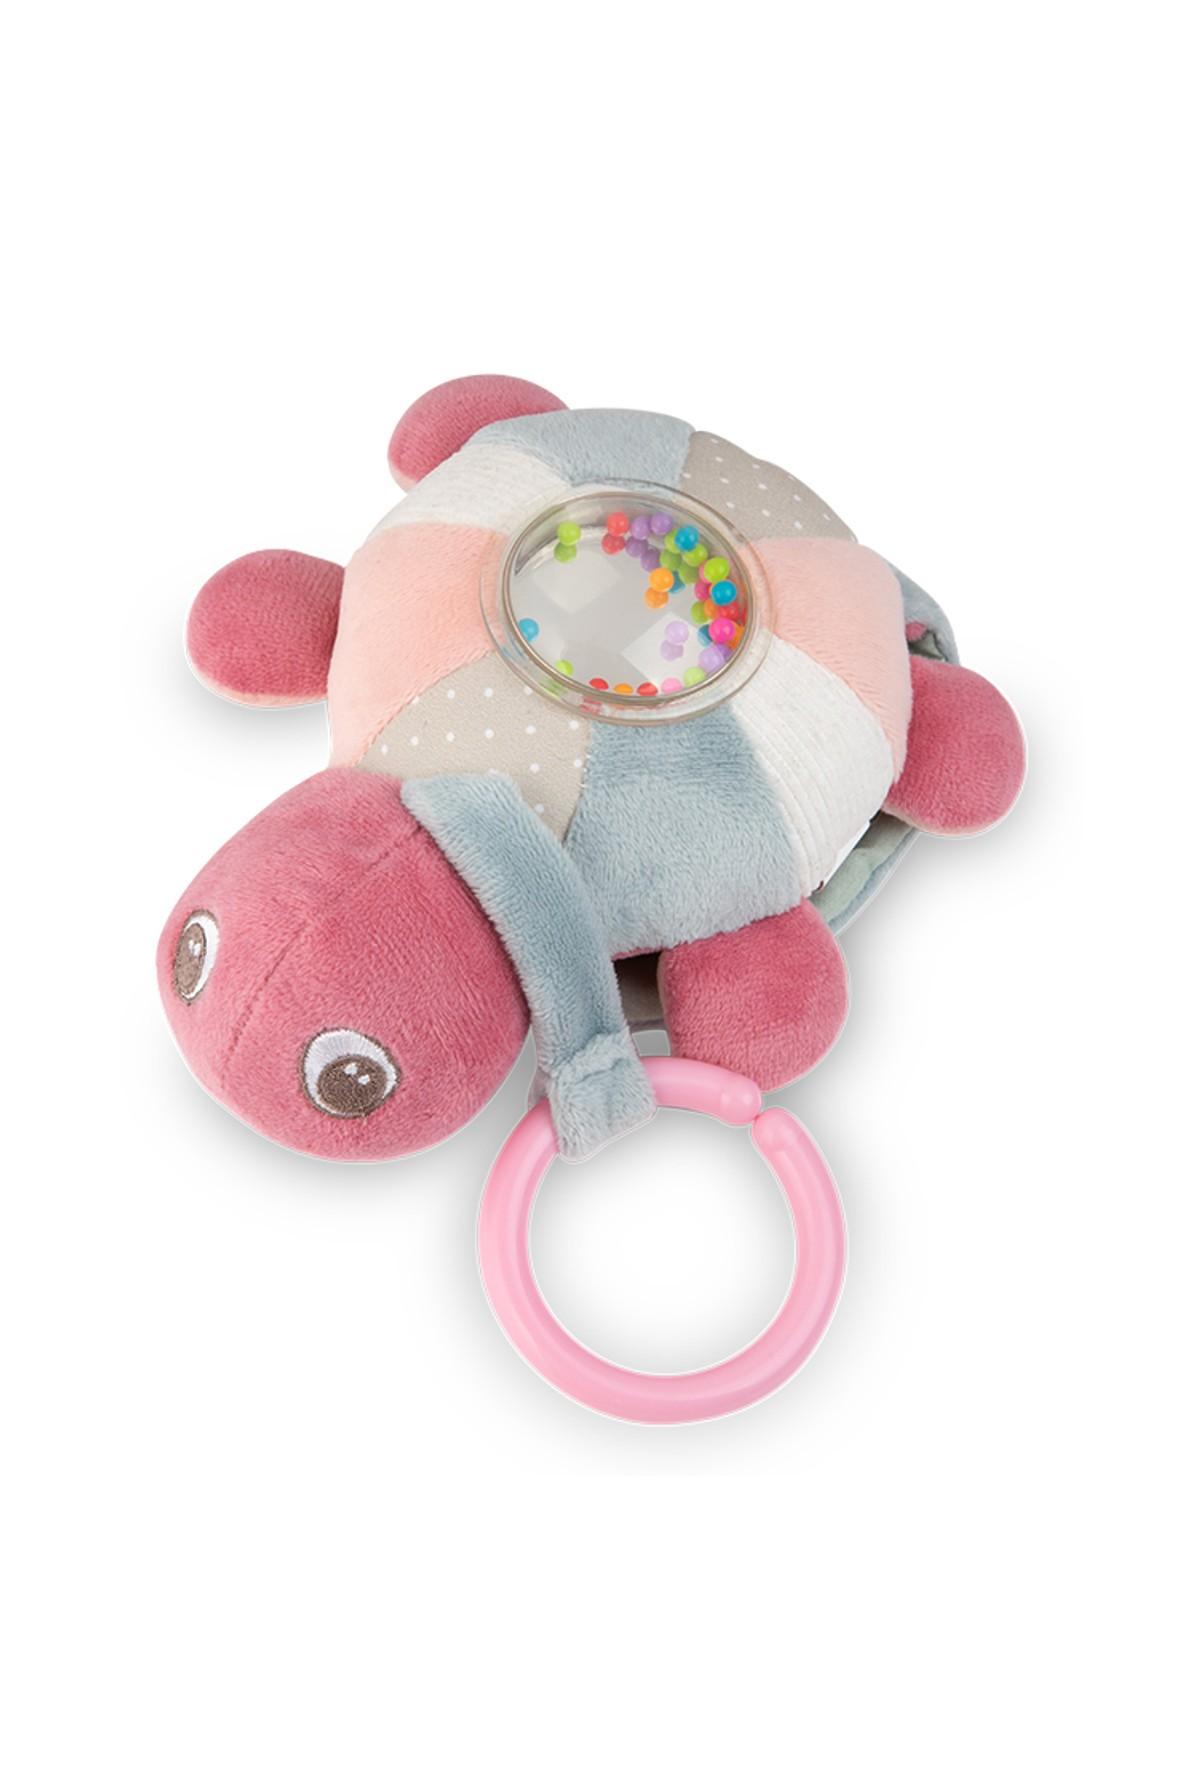 Zabawka edukacyjna z pozytywką i światełkami Żółw morski - róż